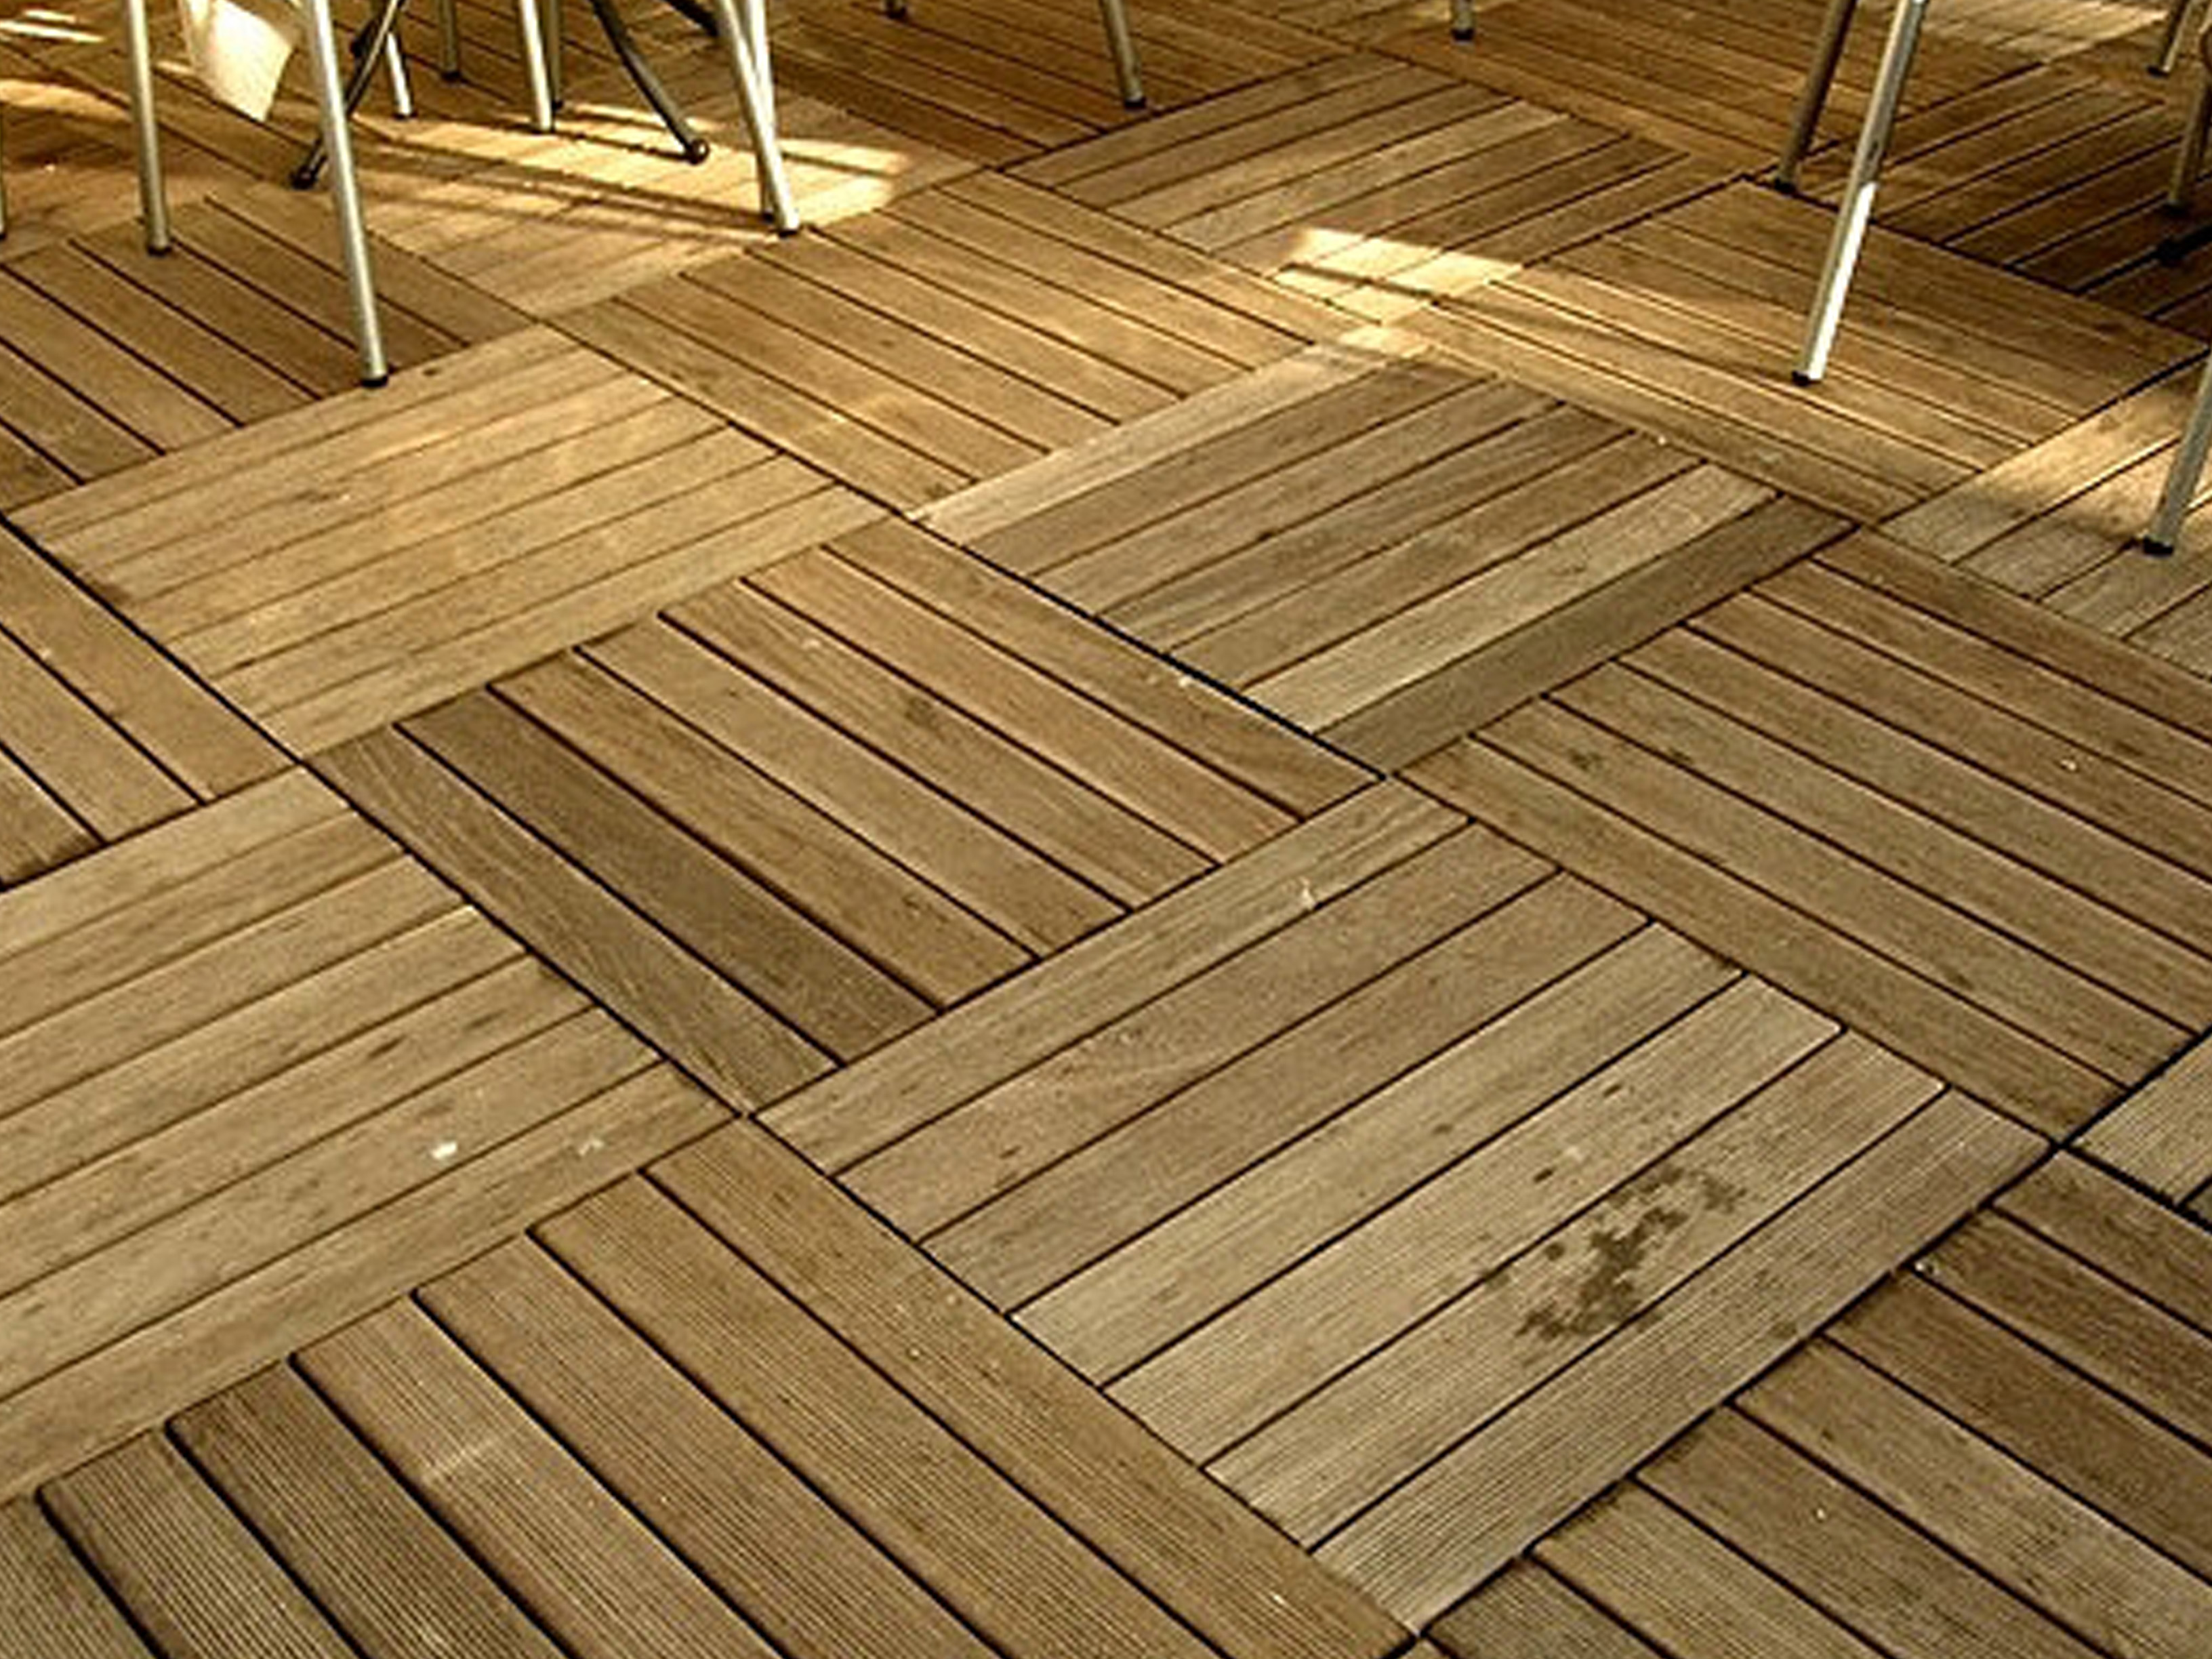 Pavimenti per esterni terenzi parquet pavimenti in for Pavimento da esterno ikea